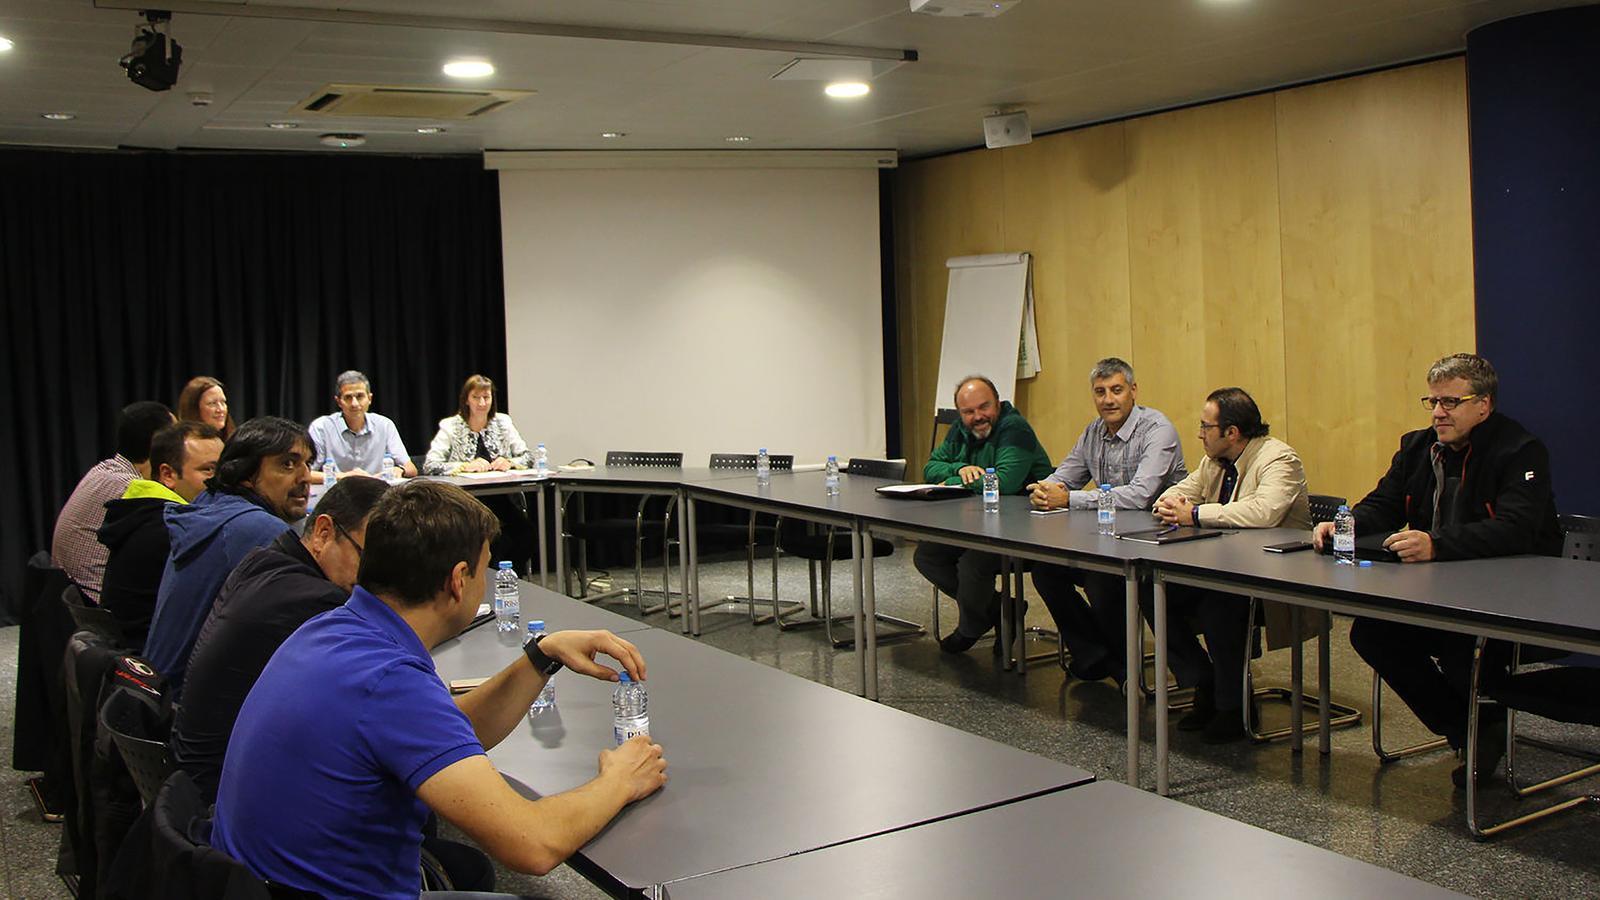 Representants del Govern i dels sindicats abans d'una reunió per la modificació de la Llei de la Funció Pública. / ARXIU ANA